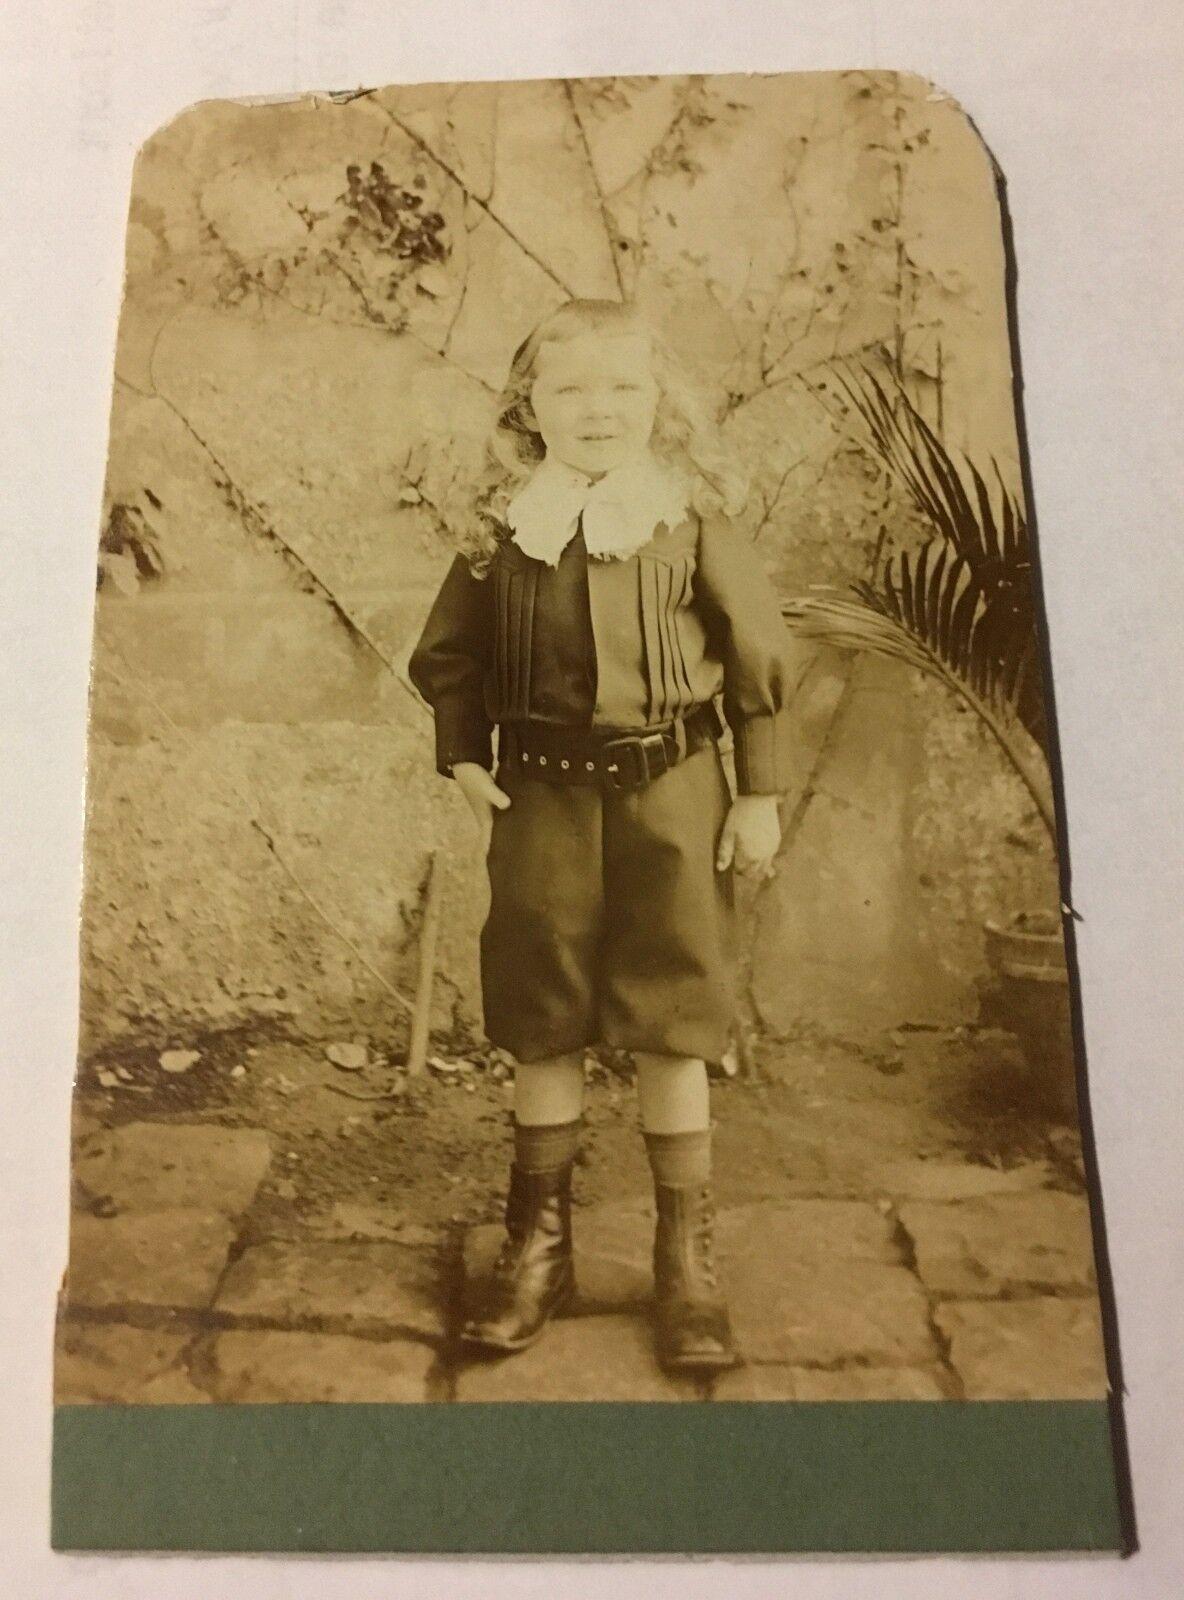 altes orig. Foto CDV Kind Junge Anzug kurze Hose langes Haar Frankreich Vintage